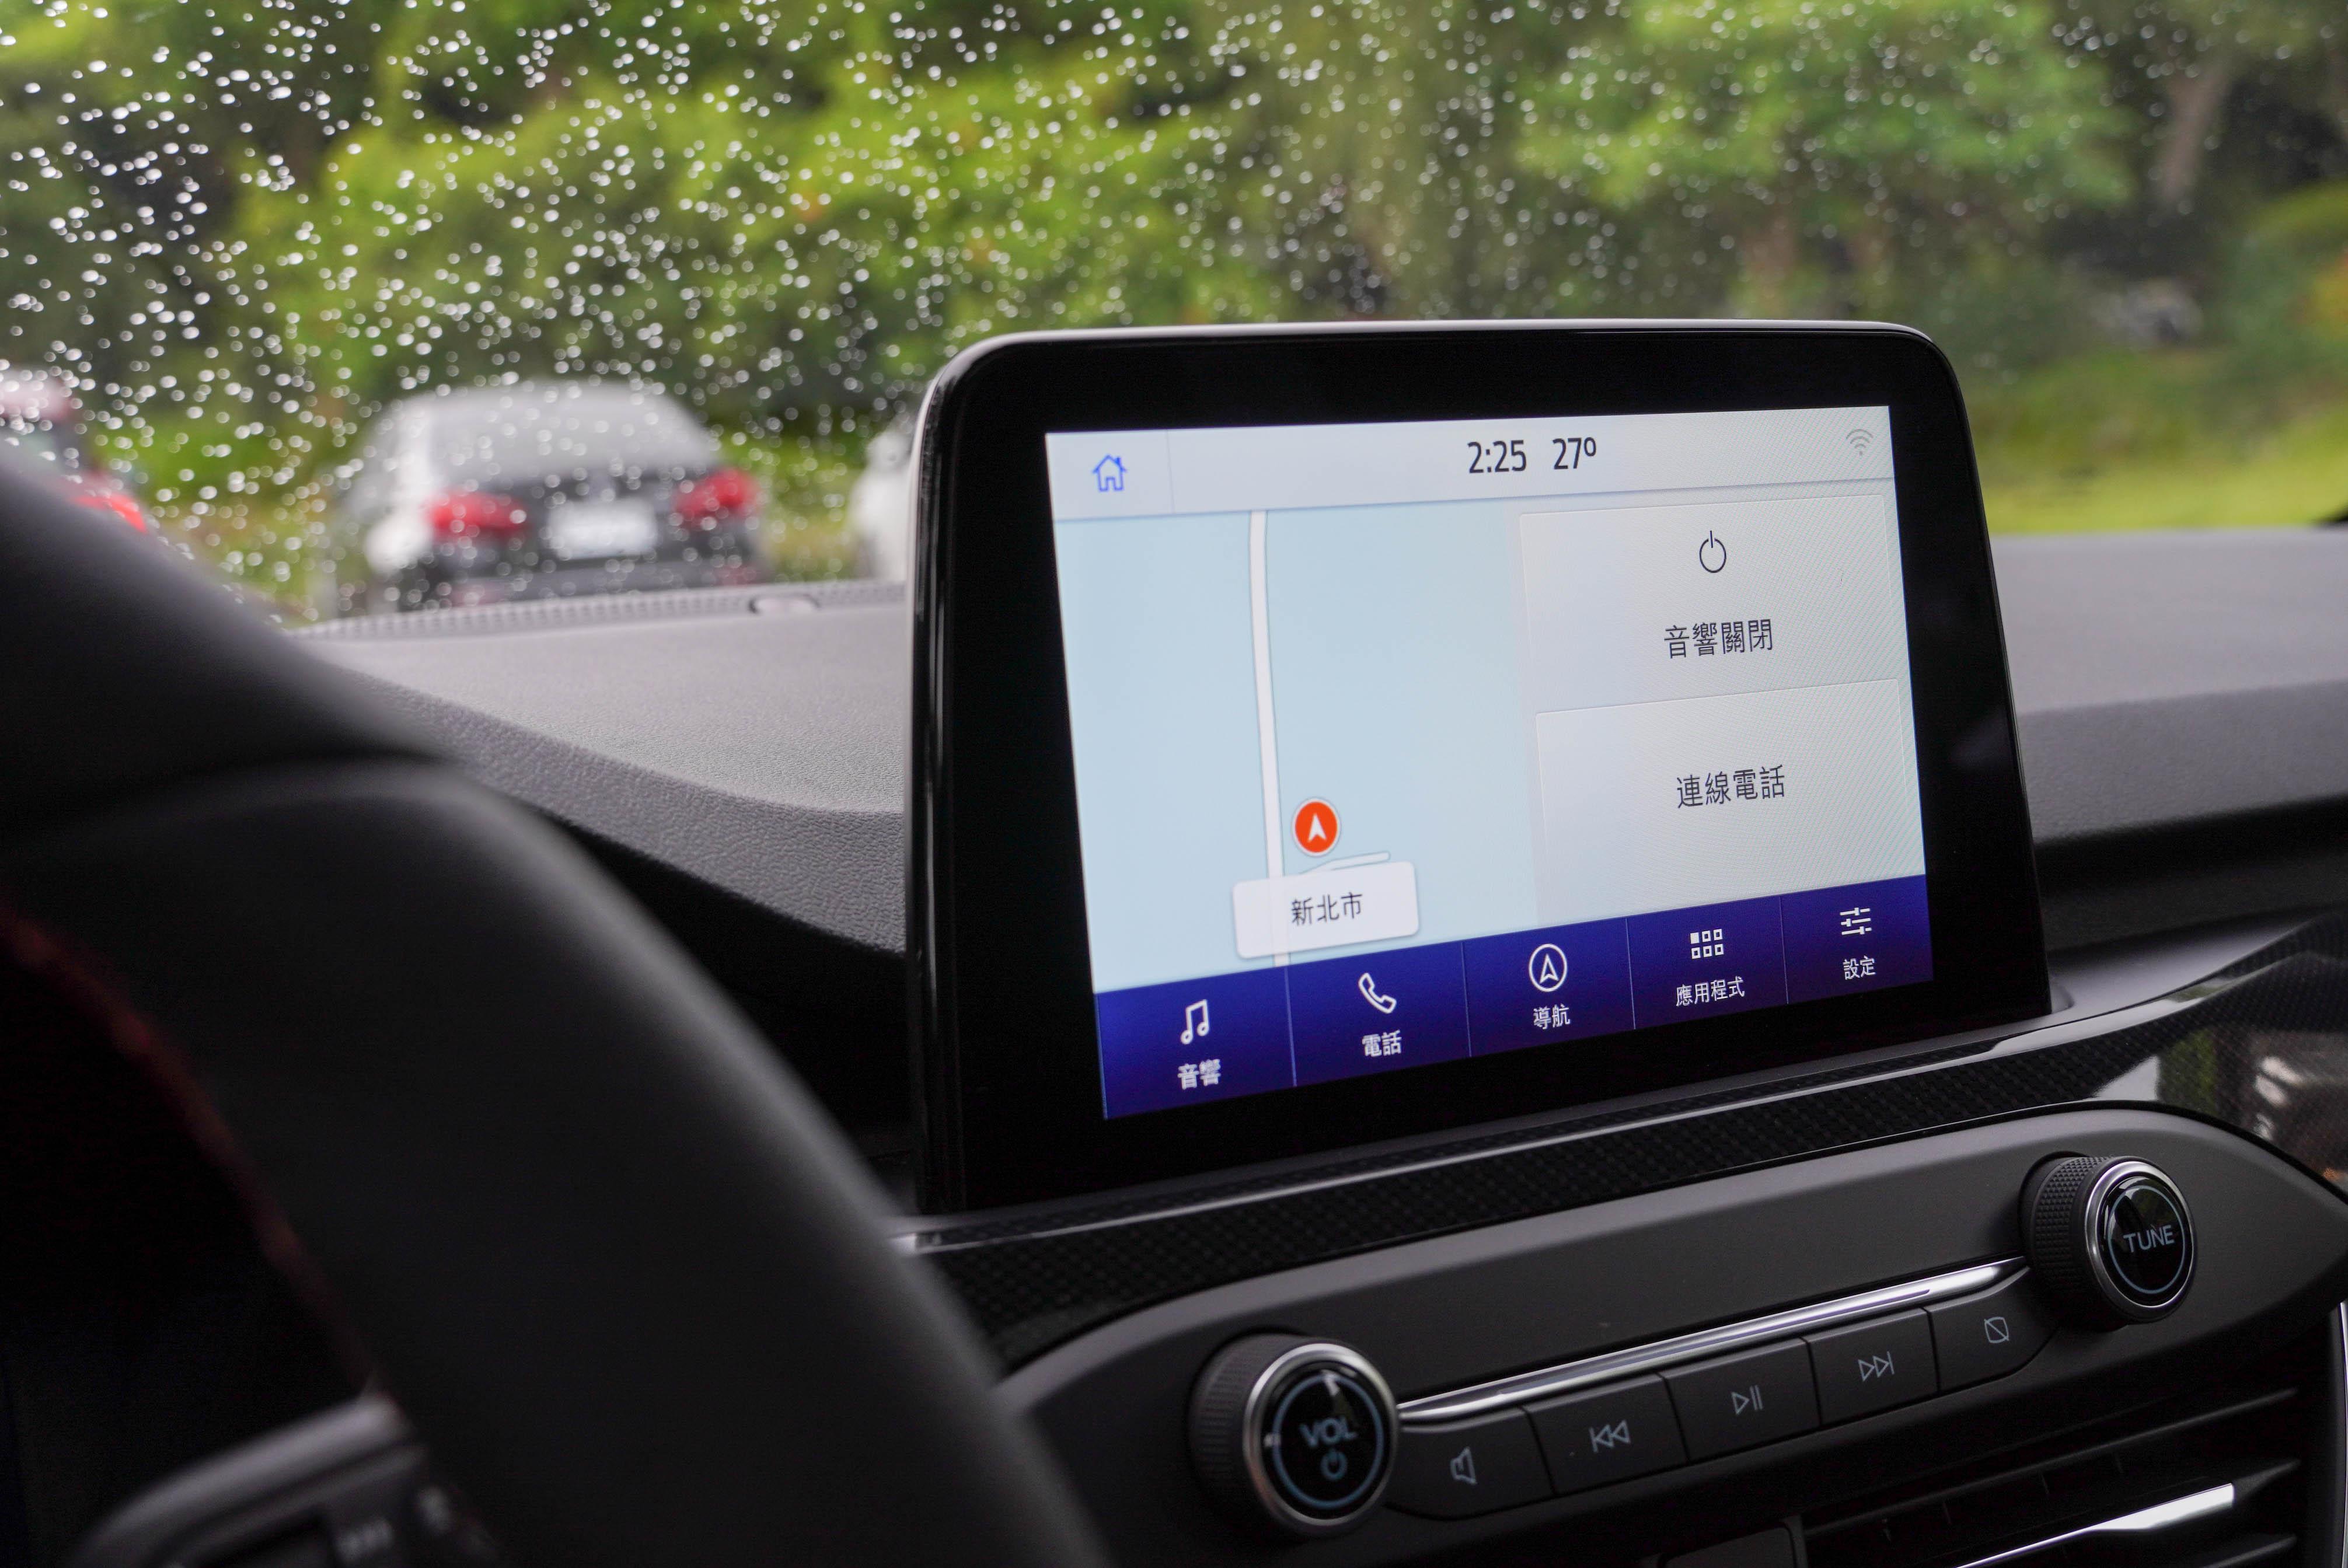 標配 8 吋懸浮式全彩 LCD 觸控螢幕,內建 SYNC® 3 娛樂通訊整合系統、廠中文衛星導航、Apple CarPlay 及 Android Auto。